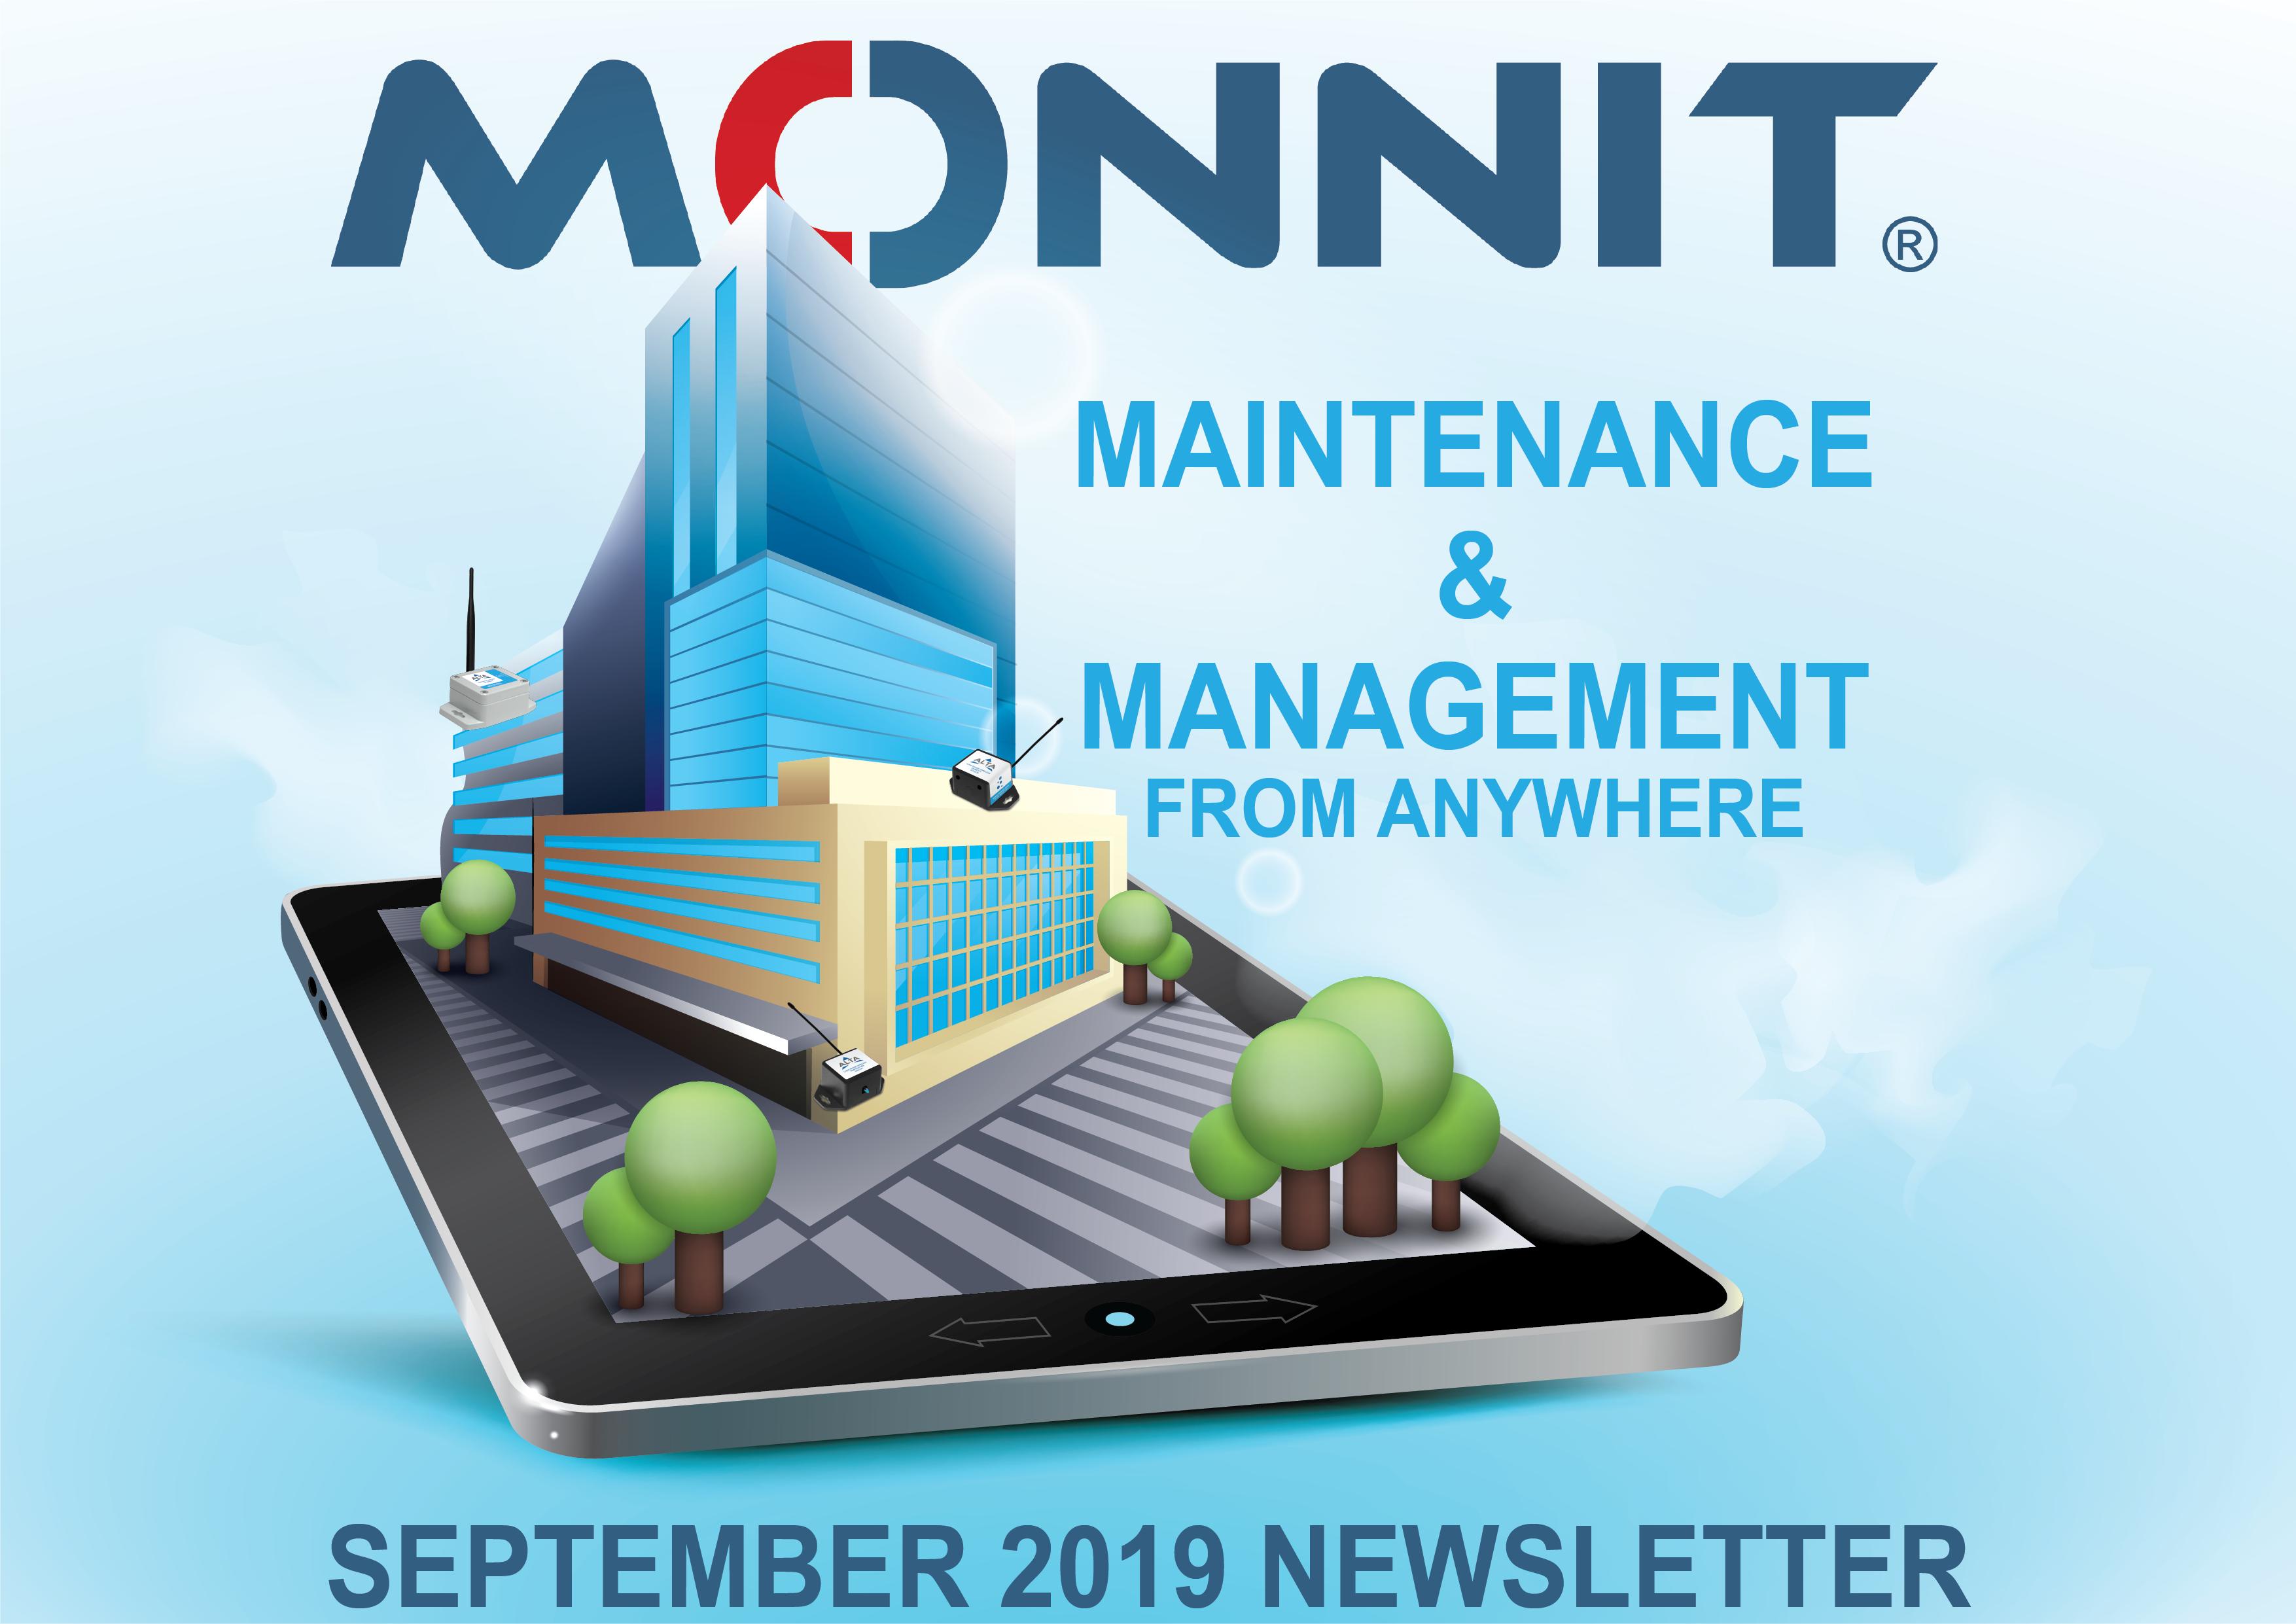 Monnit Monthly Newsletter - September 2019